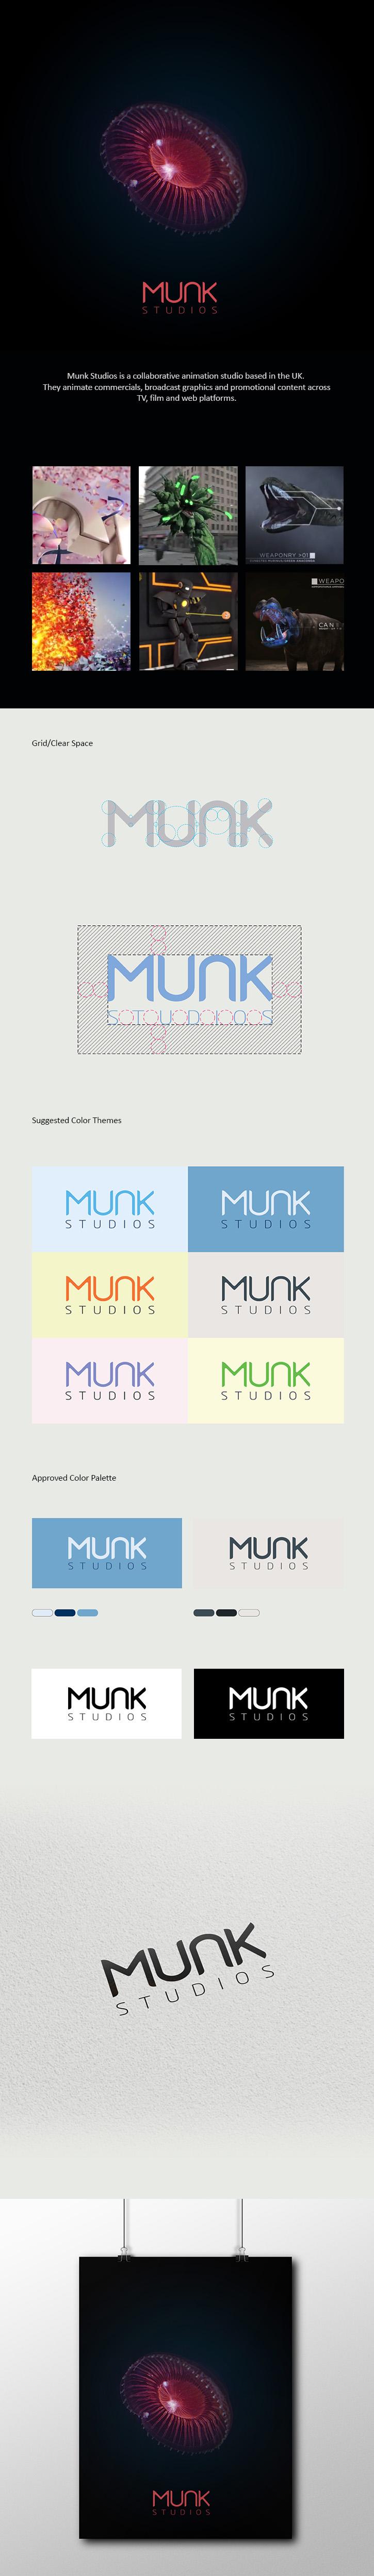 Munk Studios by samadarag